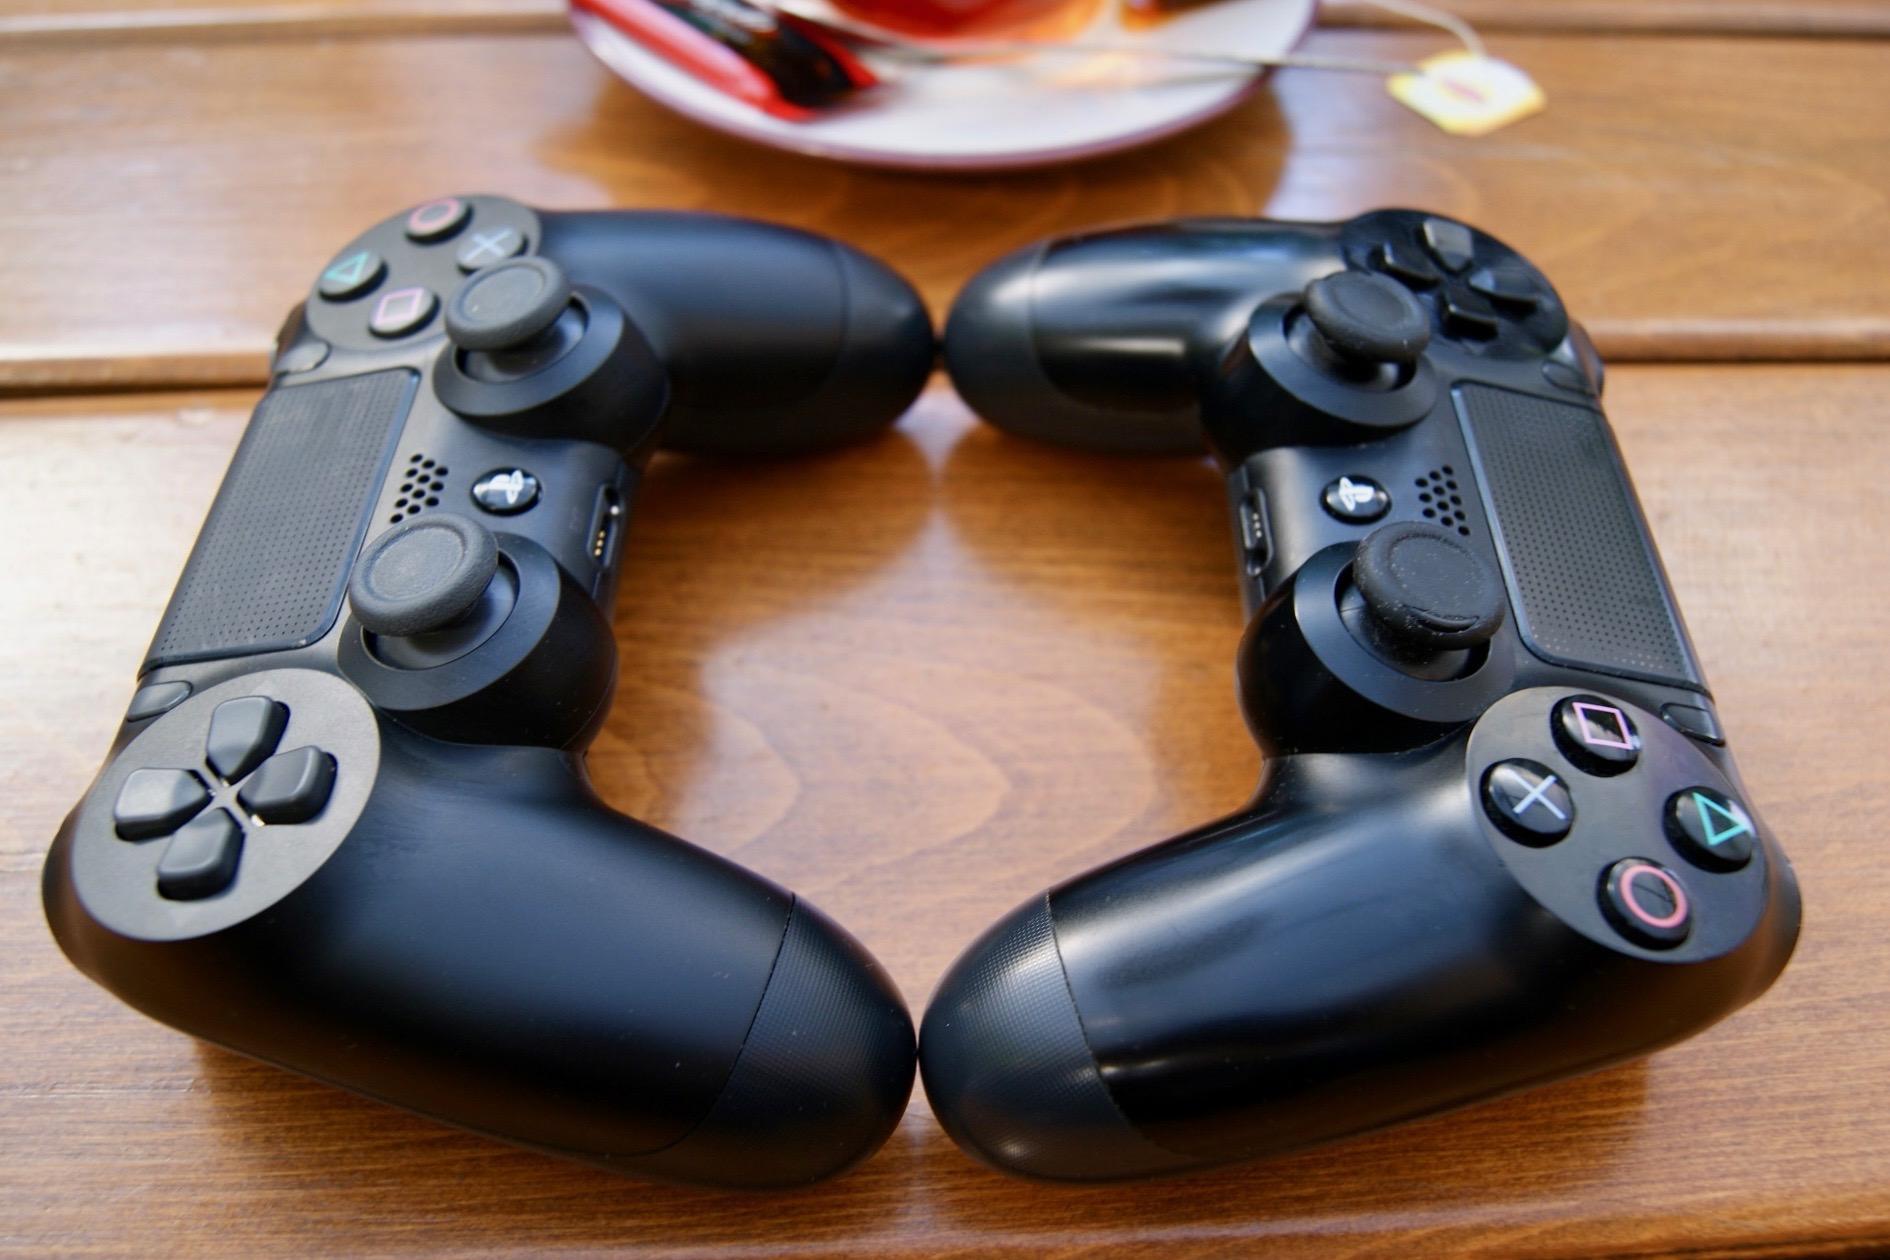 Nowy DualShock 4 Slim kontra stary DualShock 4 – omówienie wszystkich zmian